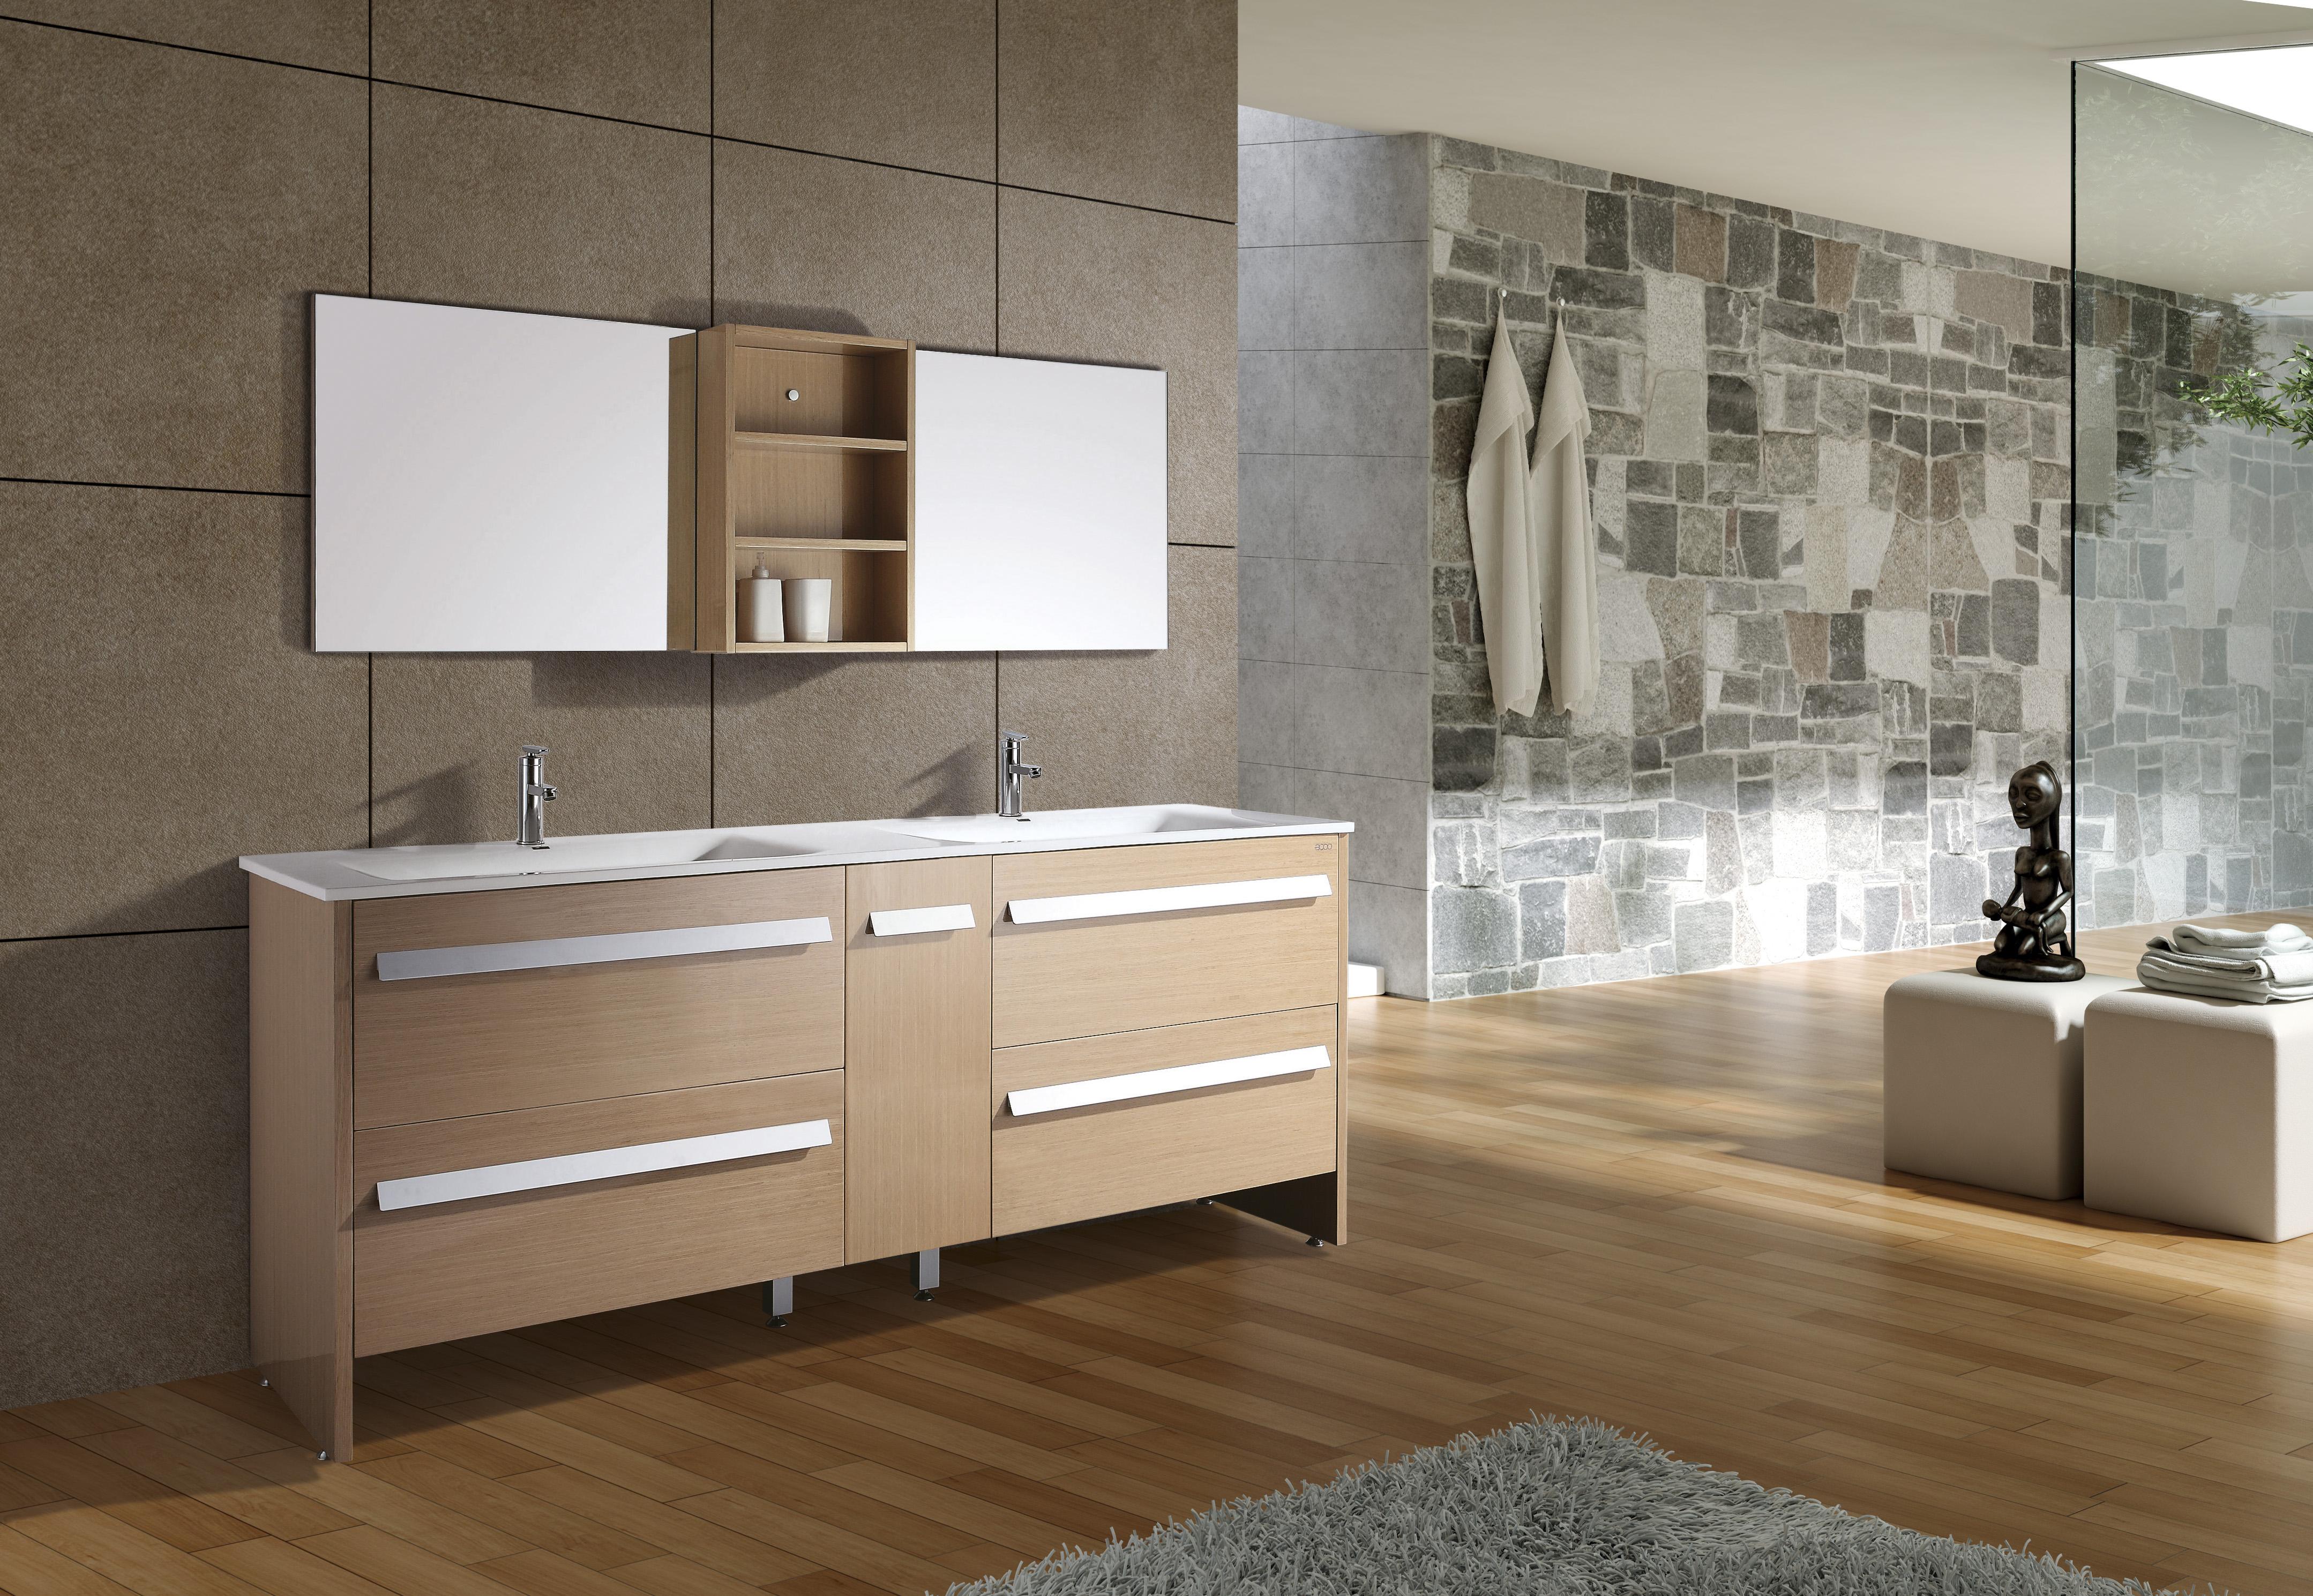 double sink design bathroom